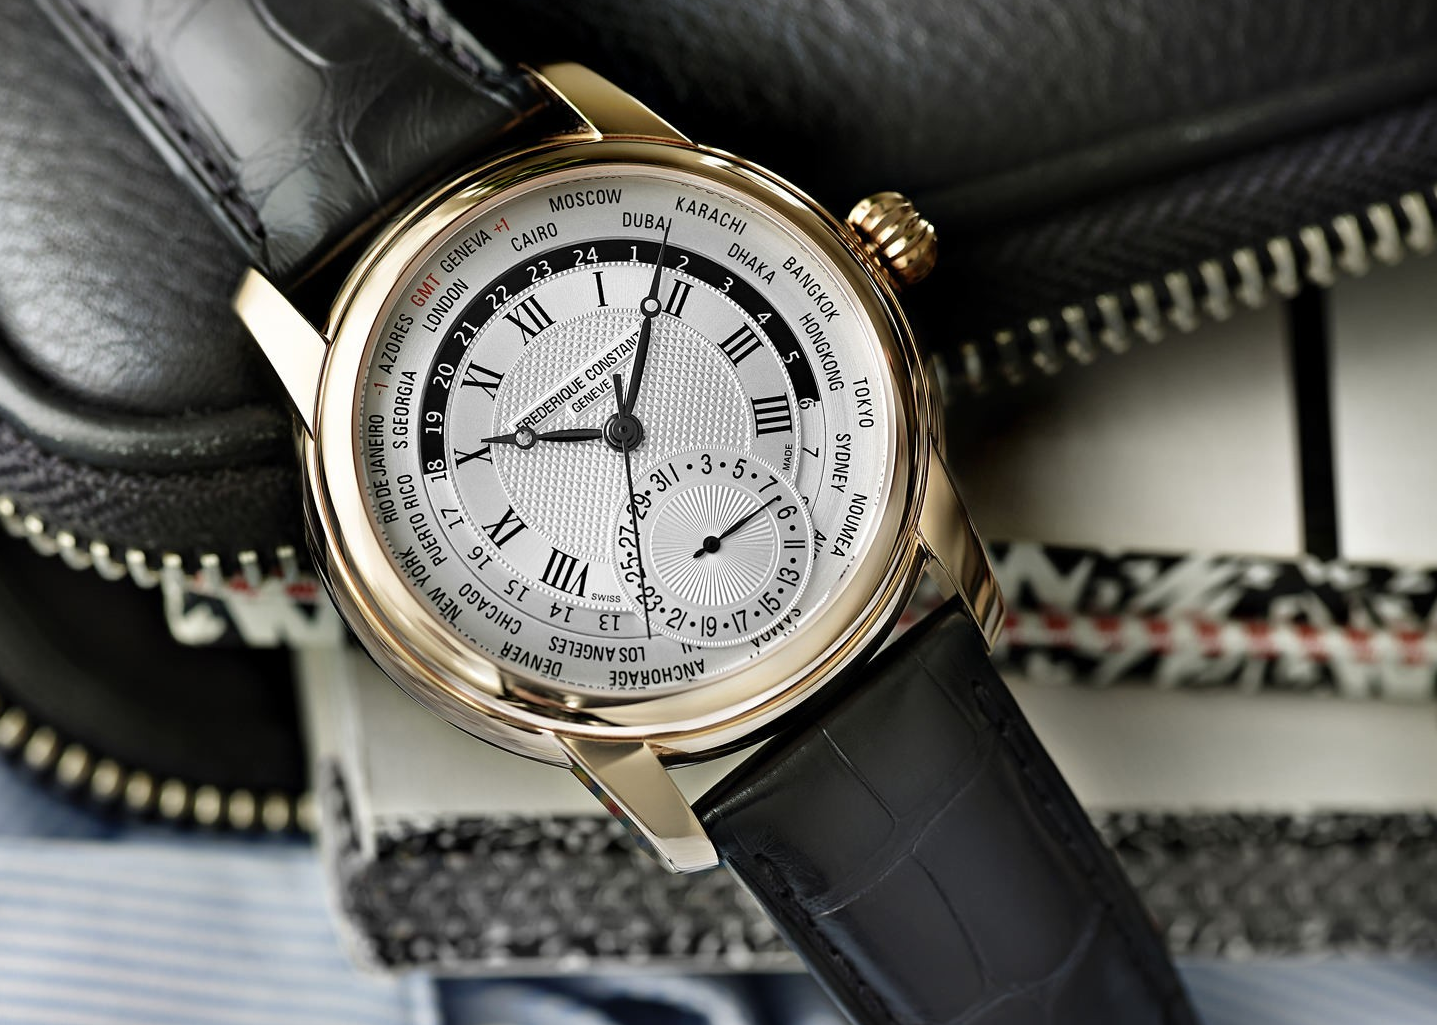 cách nhận biết đồng hồ chính hãng qua bề ngoài